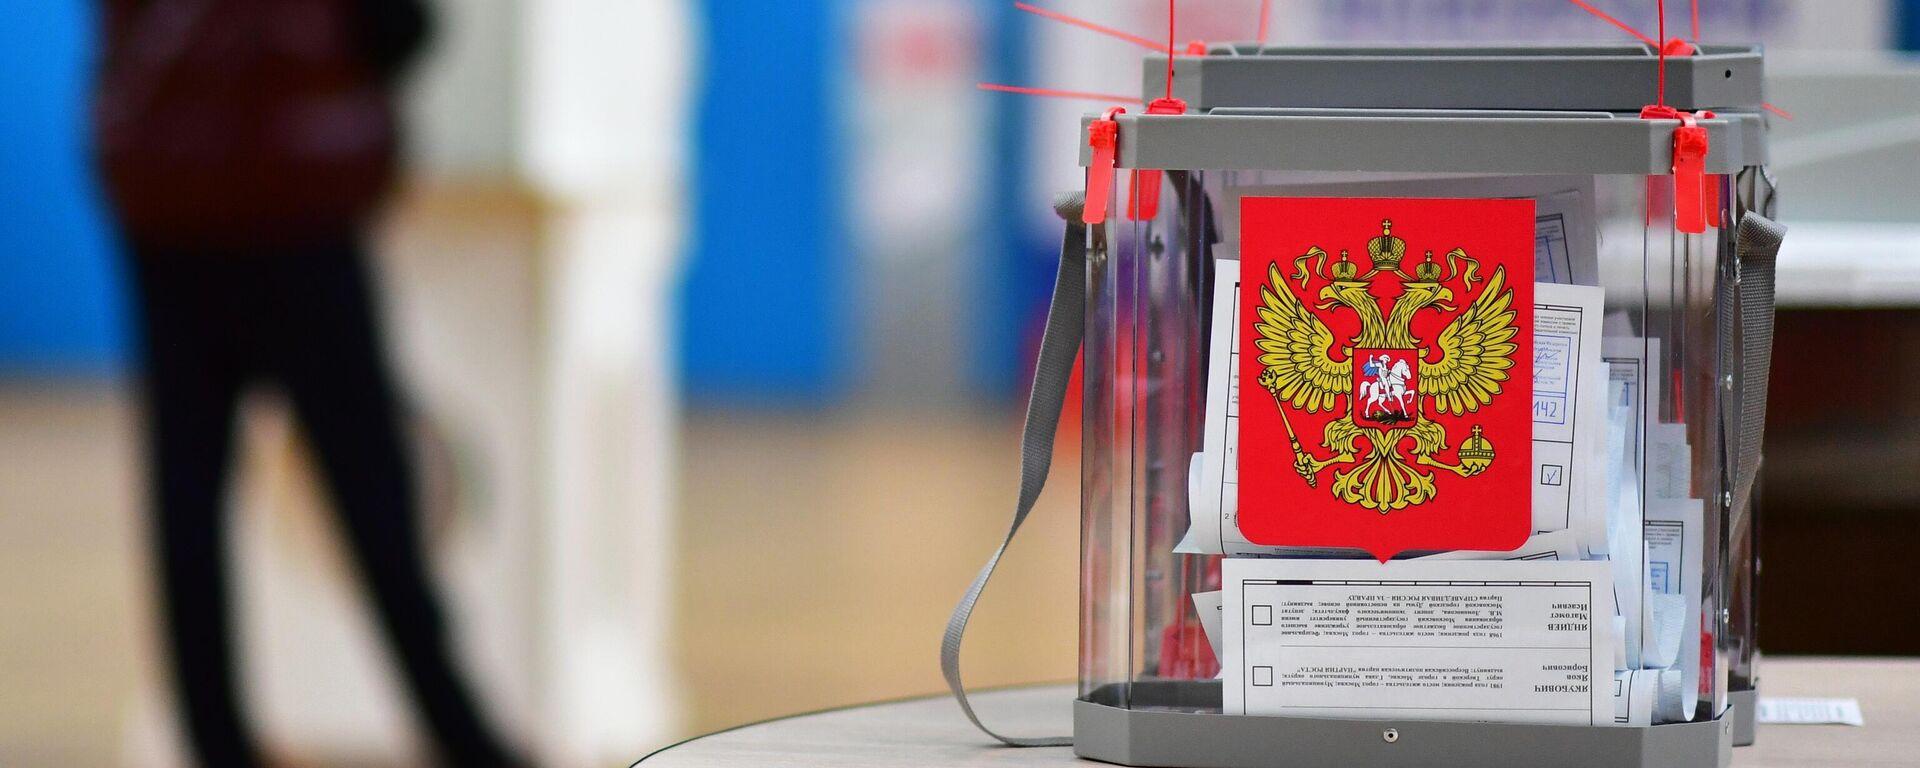 Una urna en las elecciones parlamentarias en Rusia - Sputnik Mundo, 1920, 21.09.2021